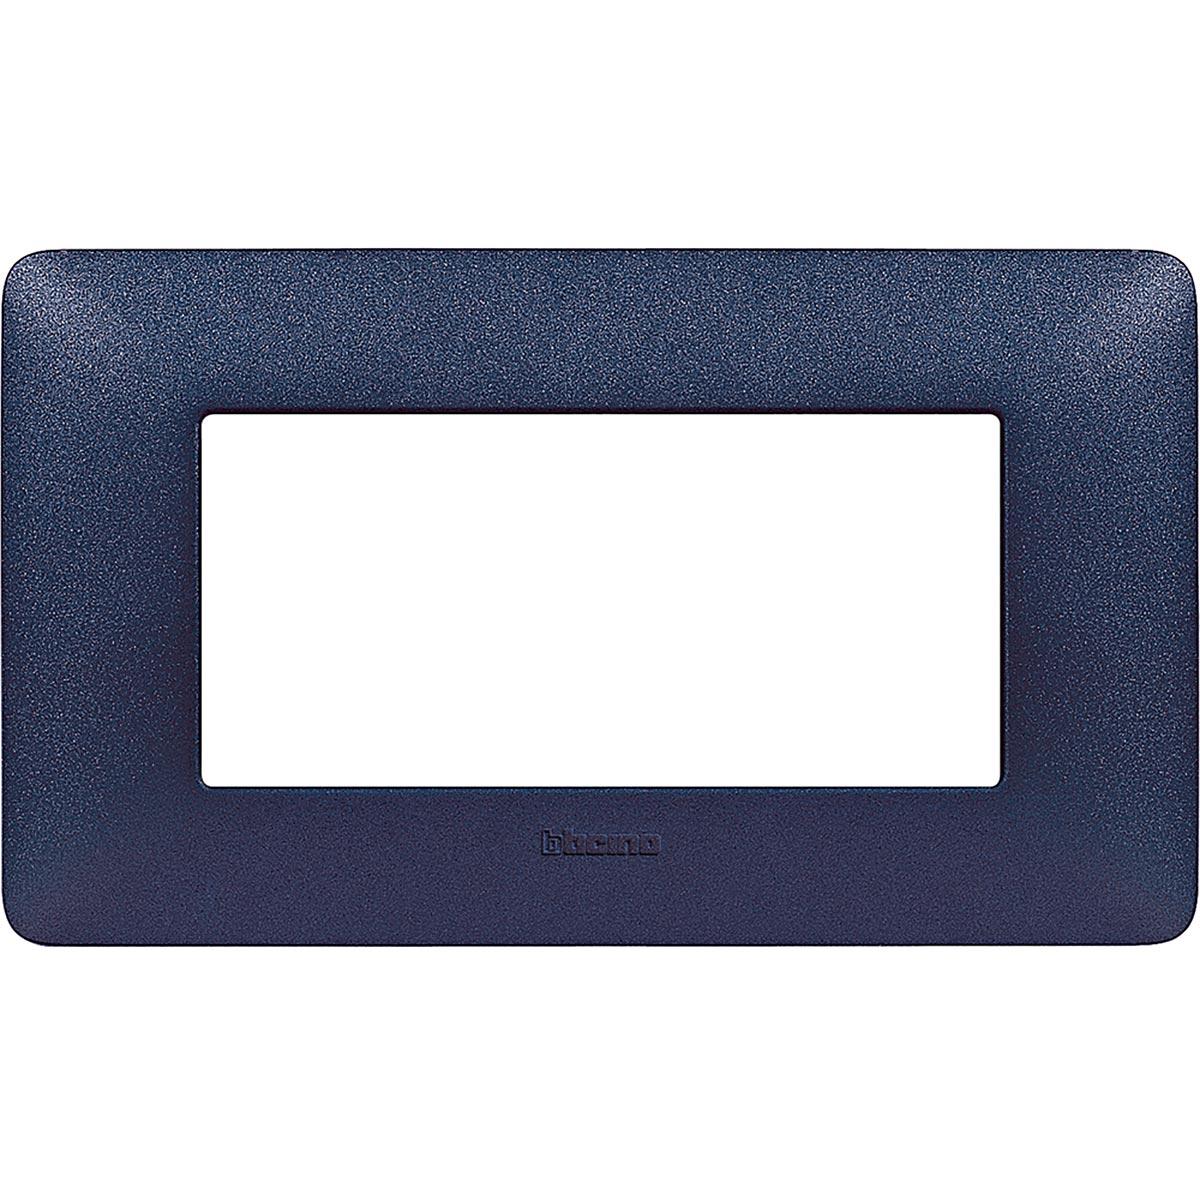 Placca 4 Moduli Blu Mercurio Bticino Matix AM4804TBM